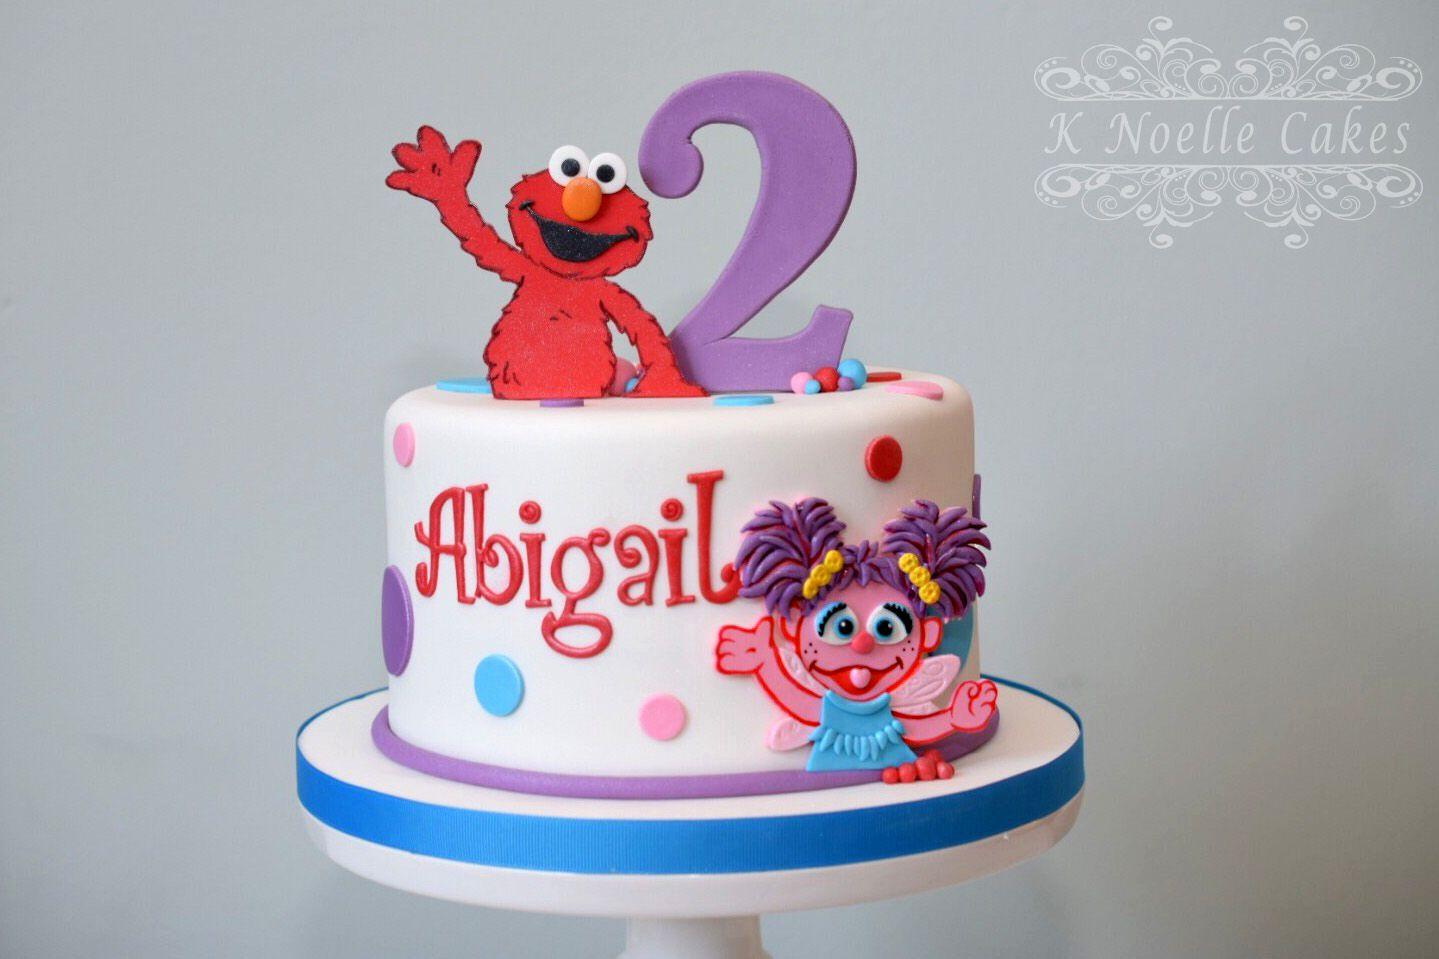 Sesame Street Elmo Abby Cake By K Noelle Cakes Birthday